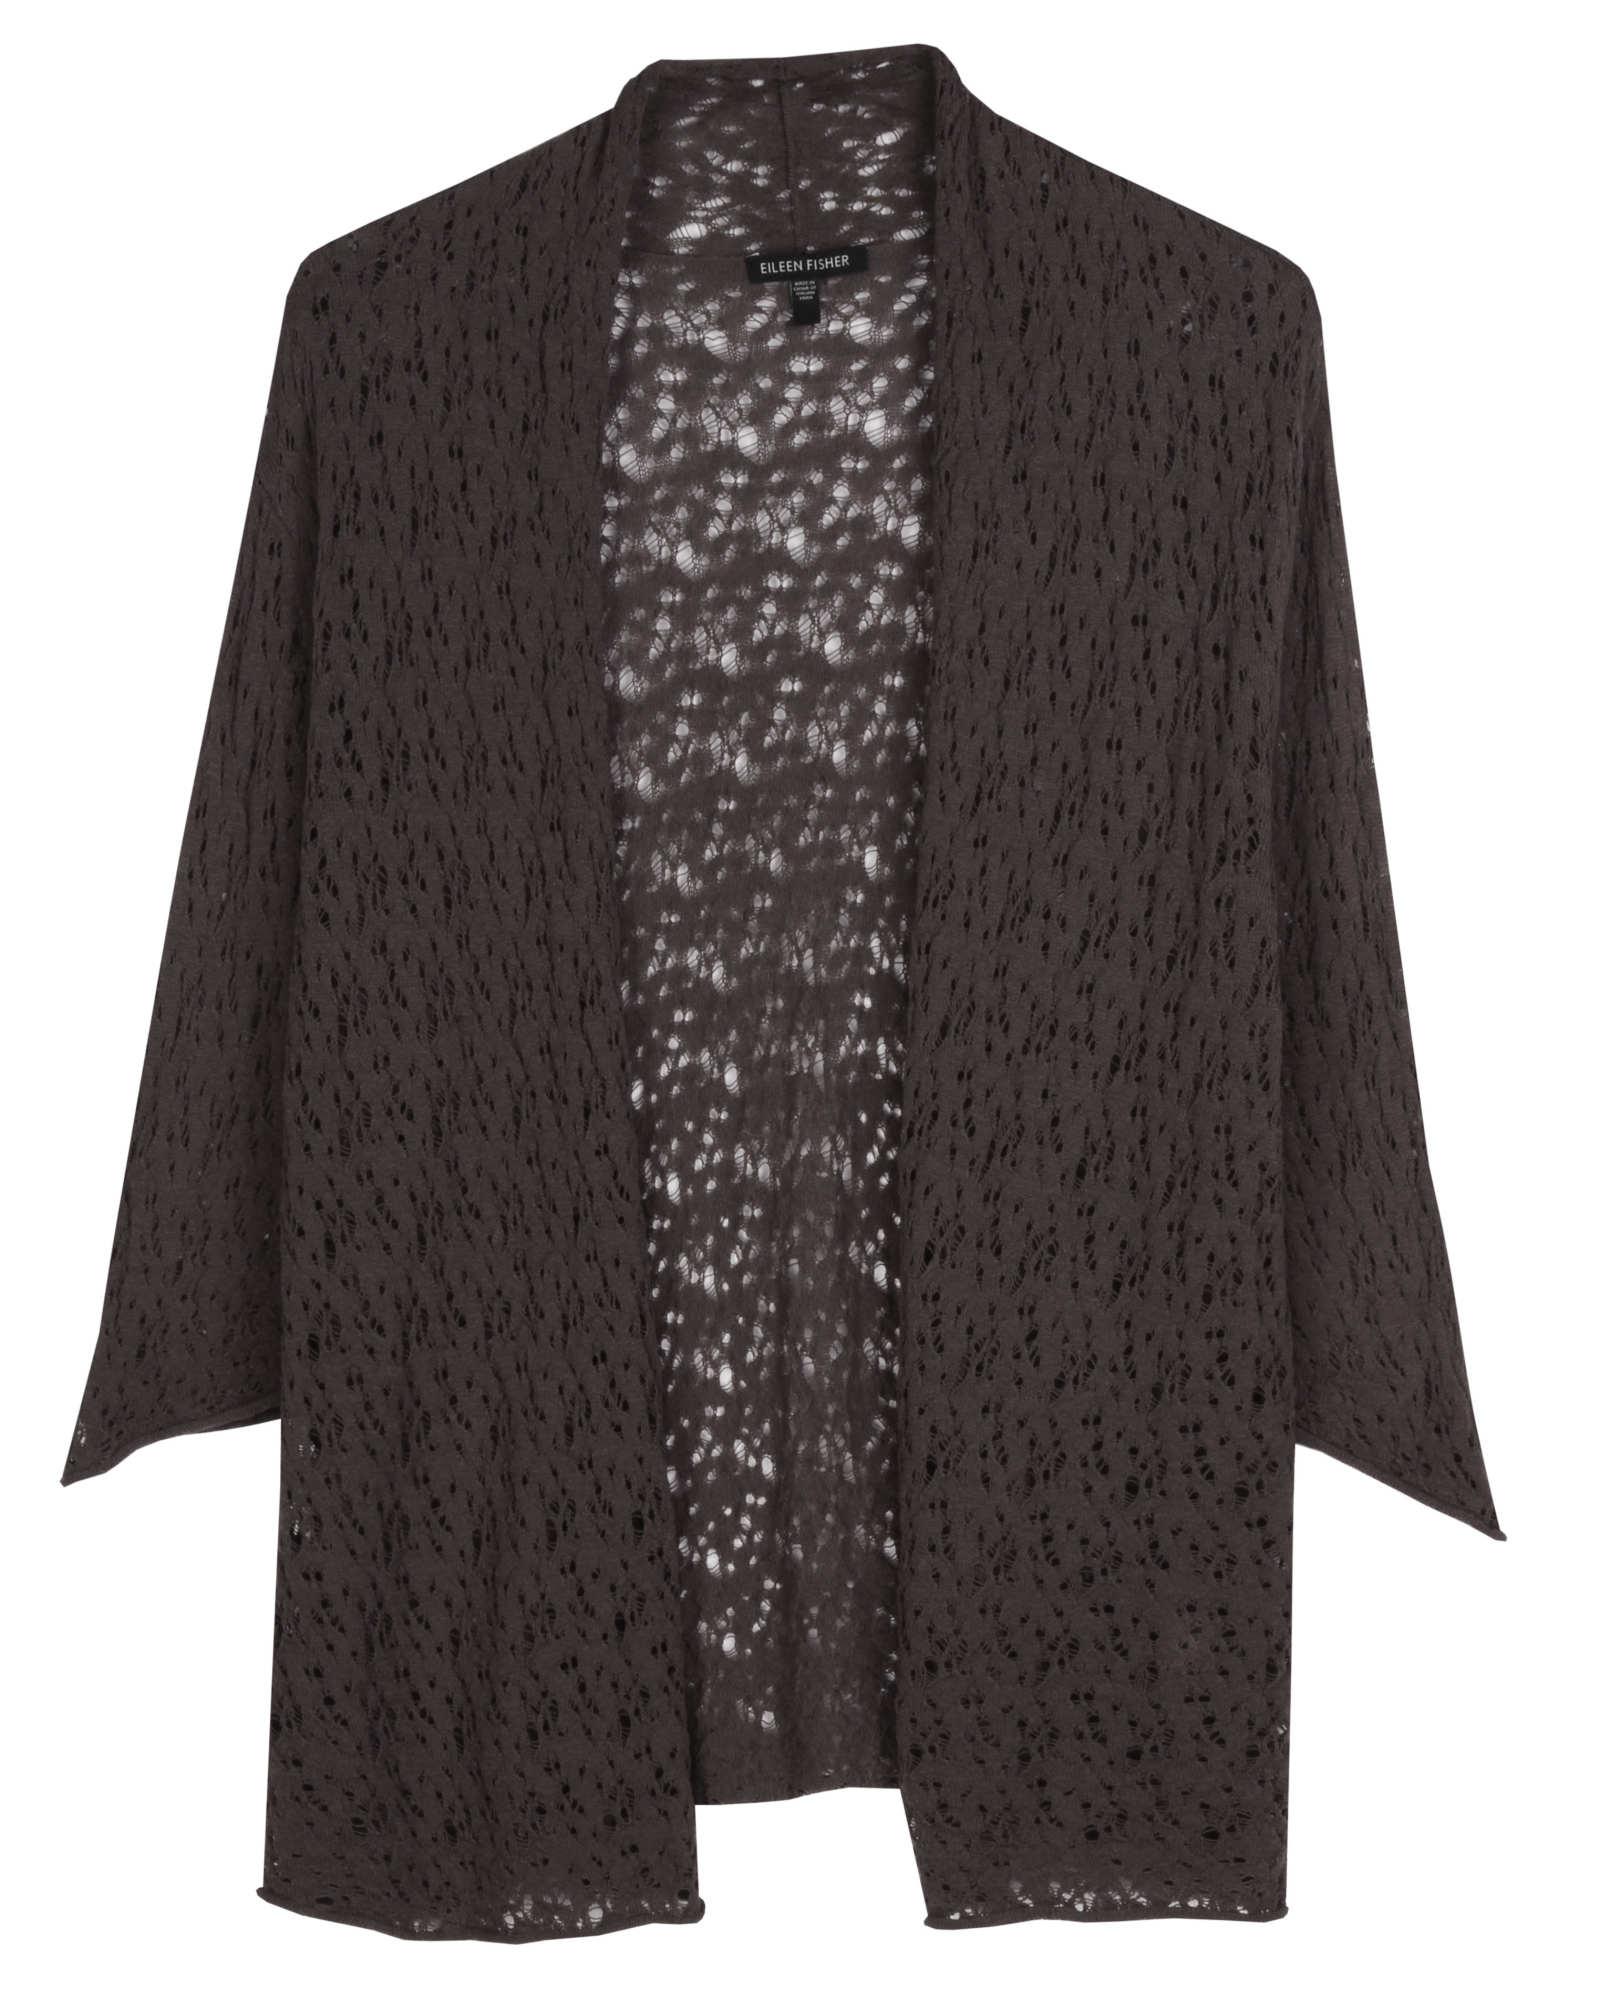 Washable Wool Lace Cardigan